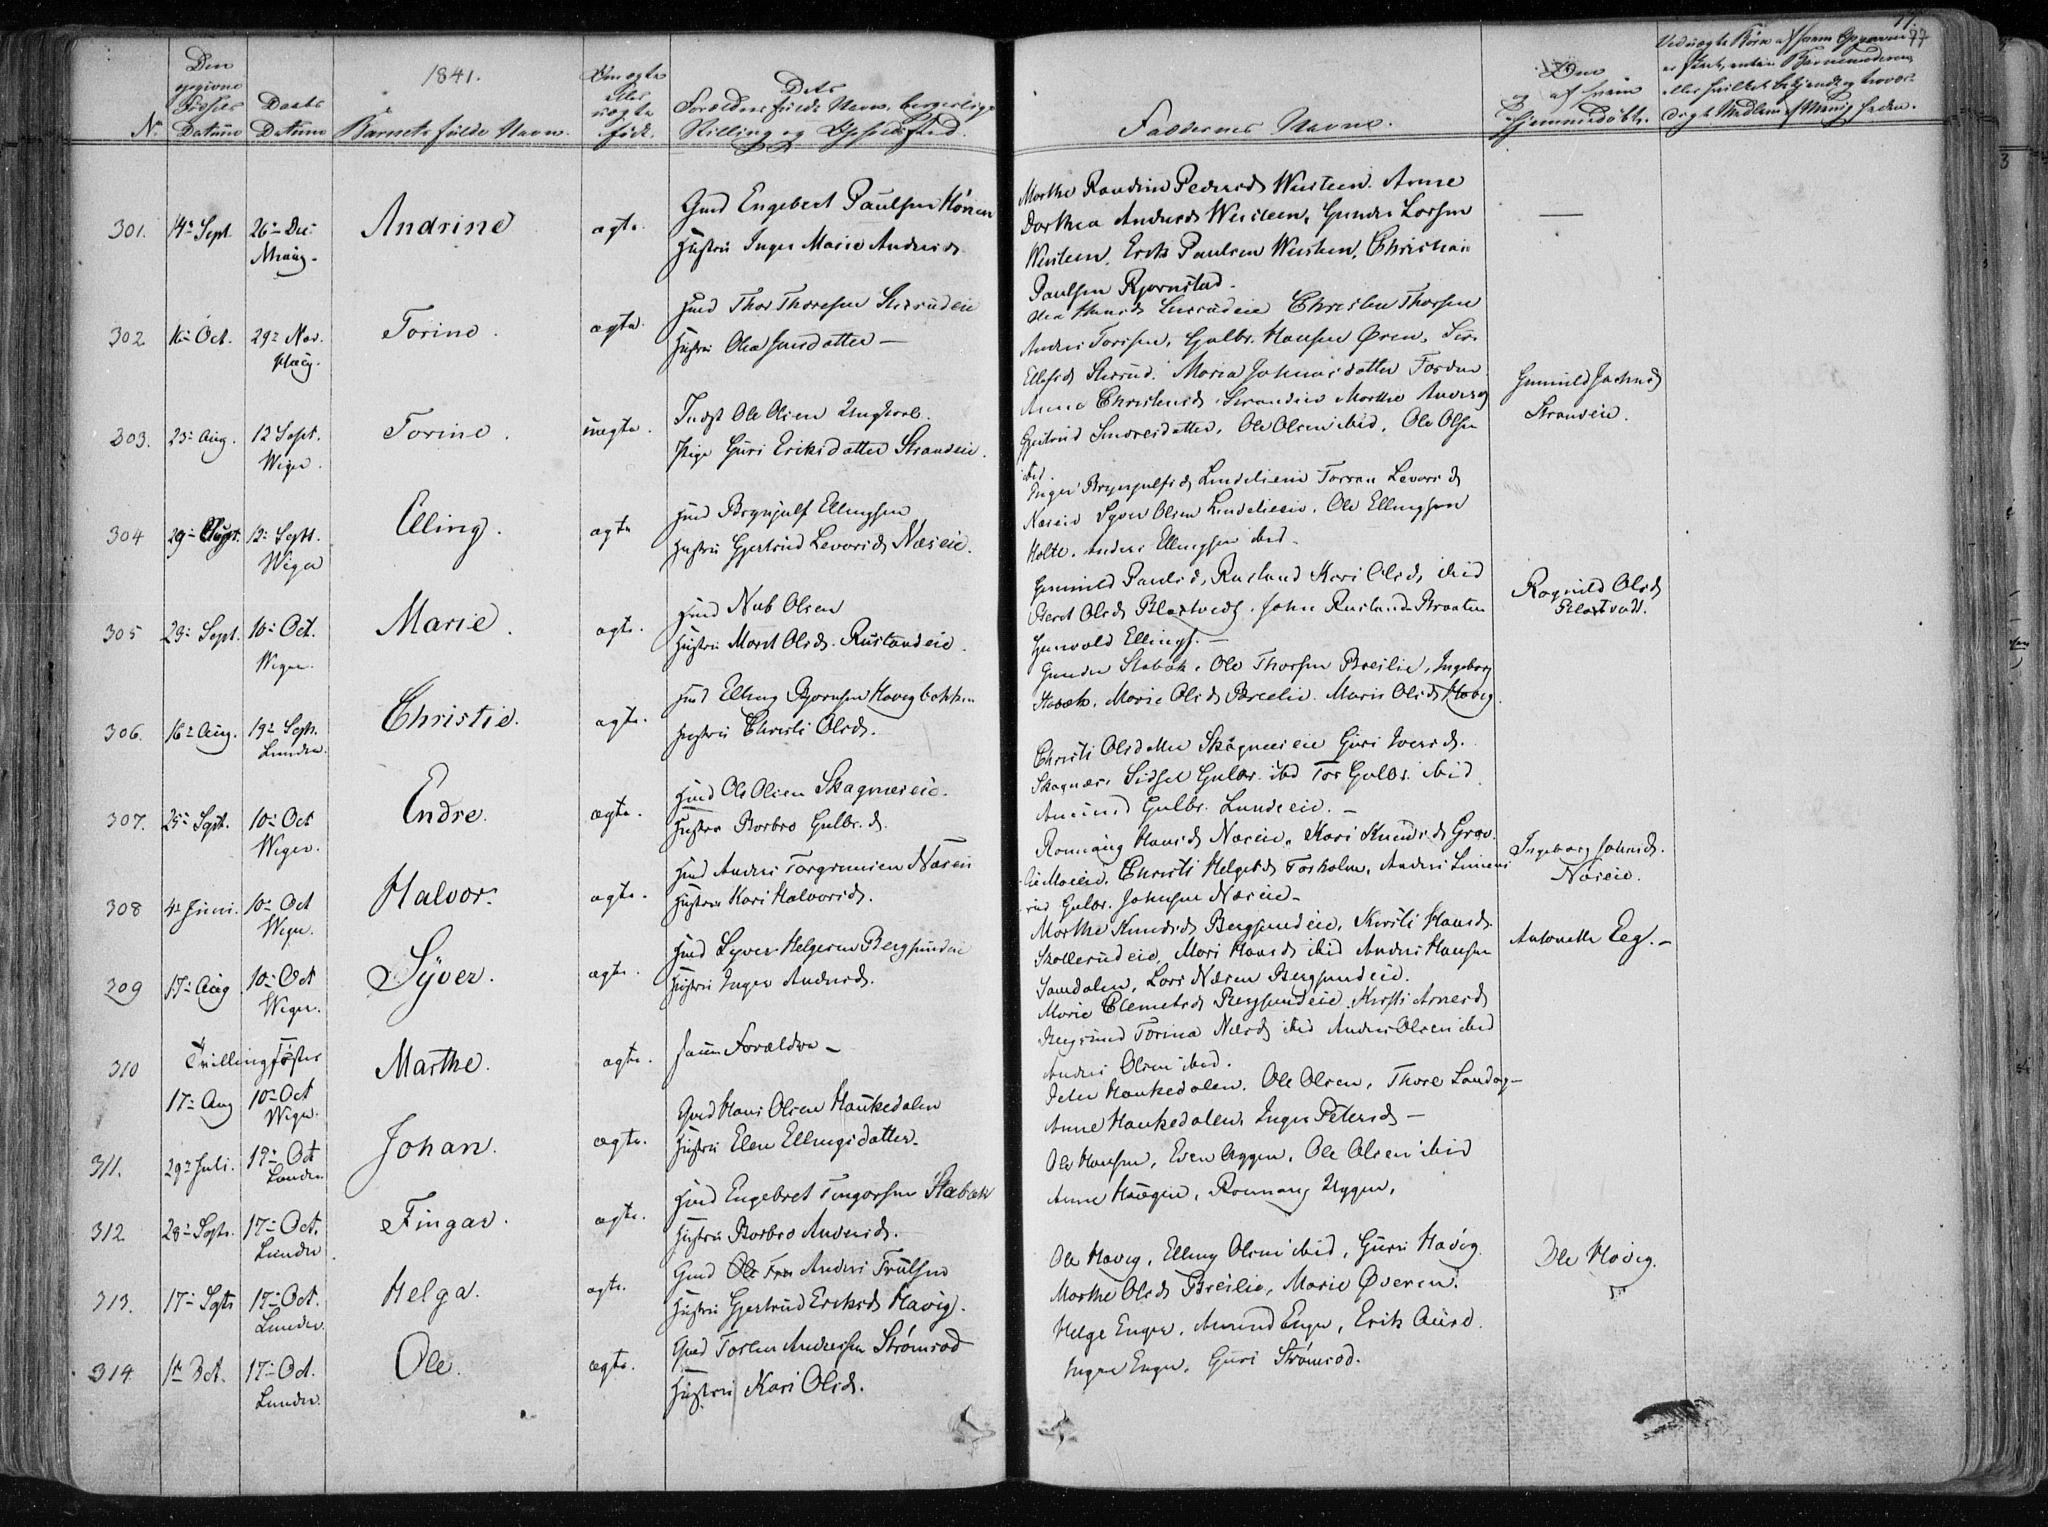 SAKO, Norderhov kirkebøker, F/Fa/L0010: Ministerialbok nr. 10, 1837-1847, s. 77